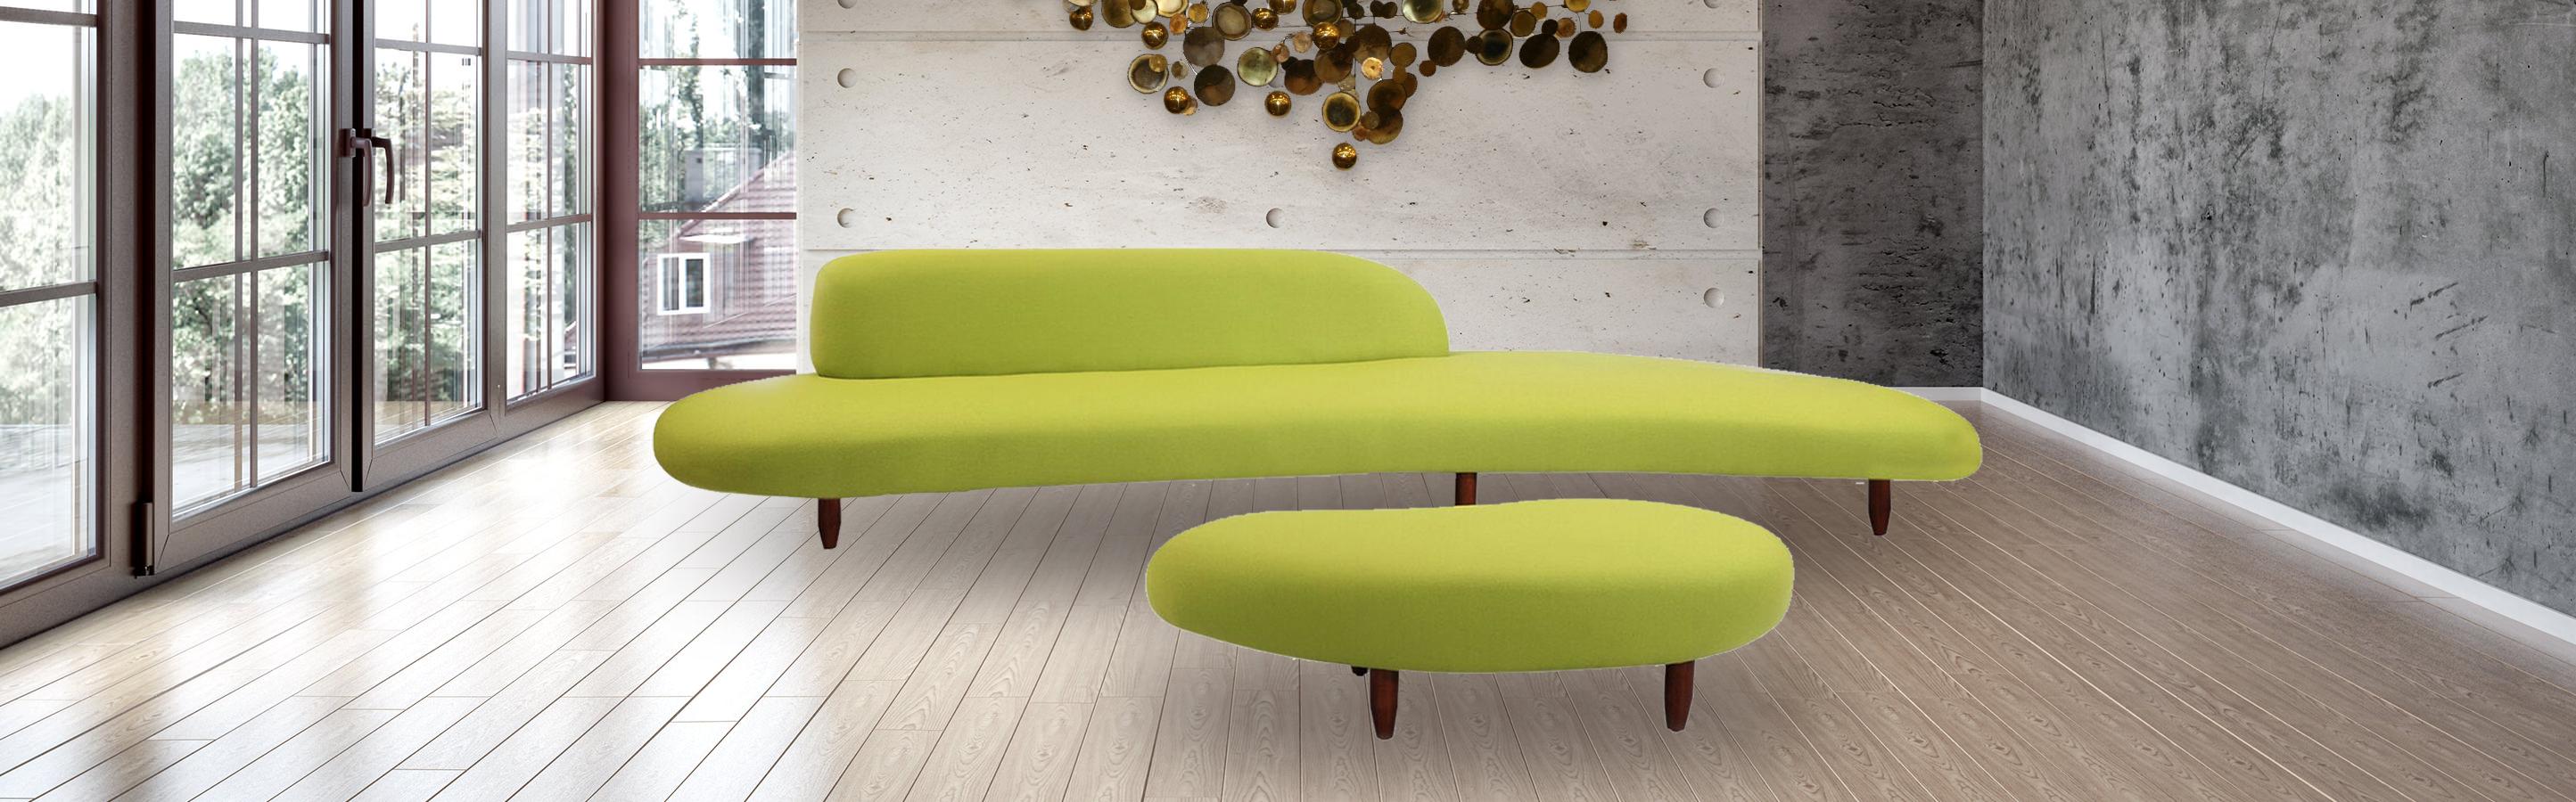 Kidney Bean Mid Century Modern Sofa